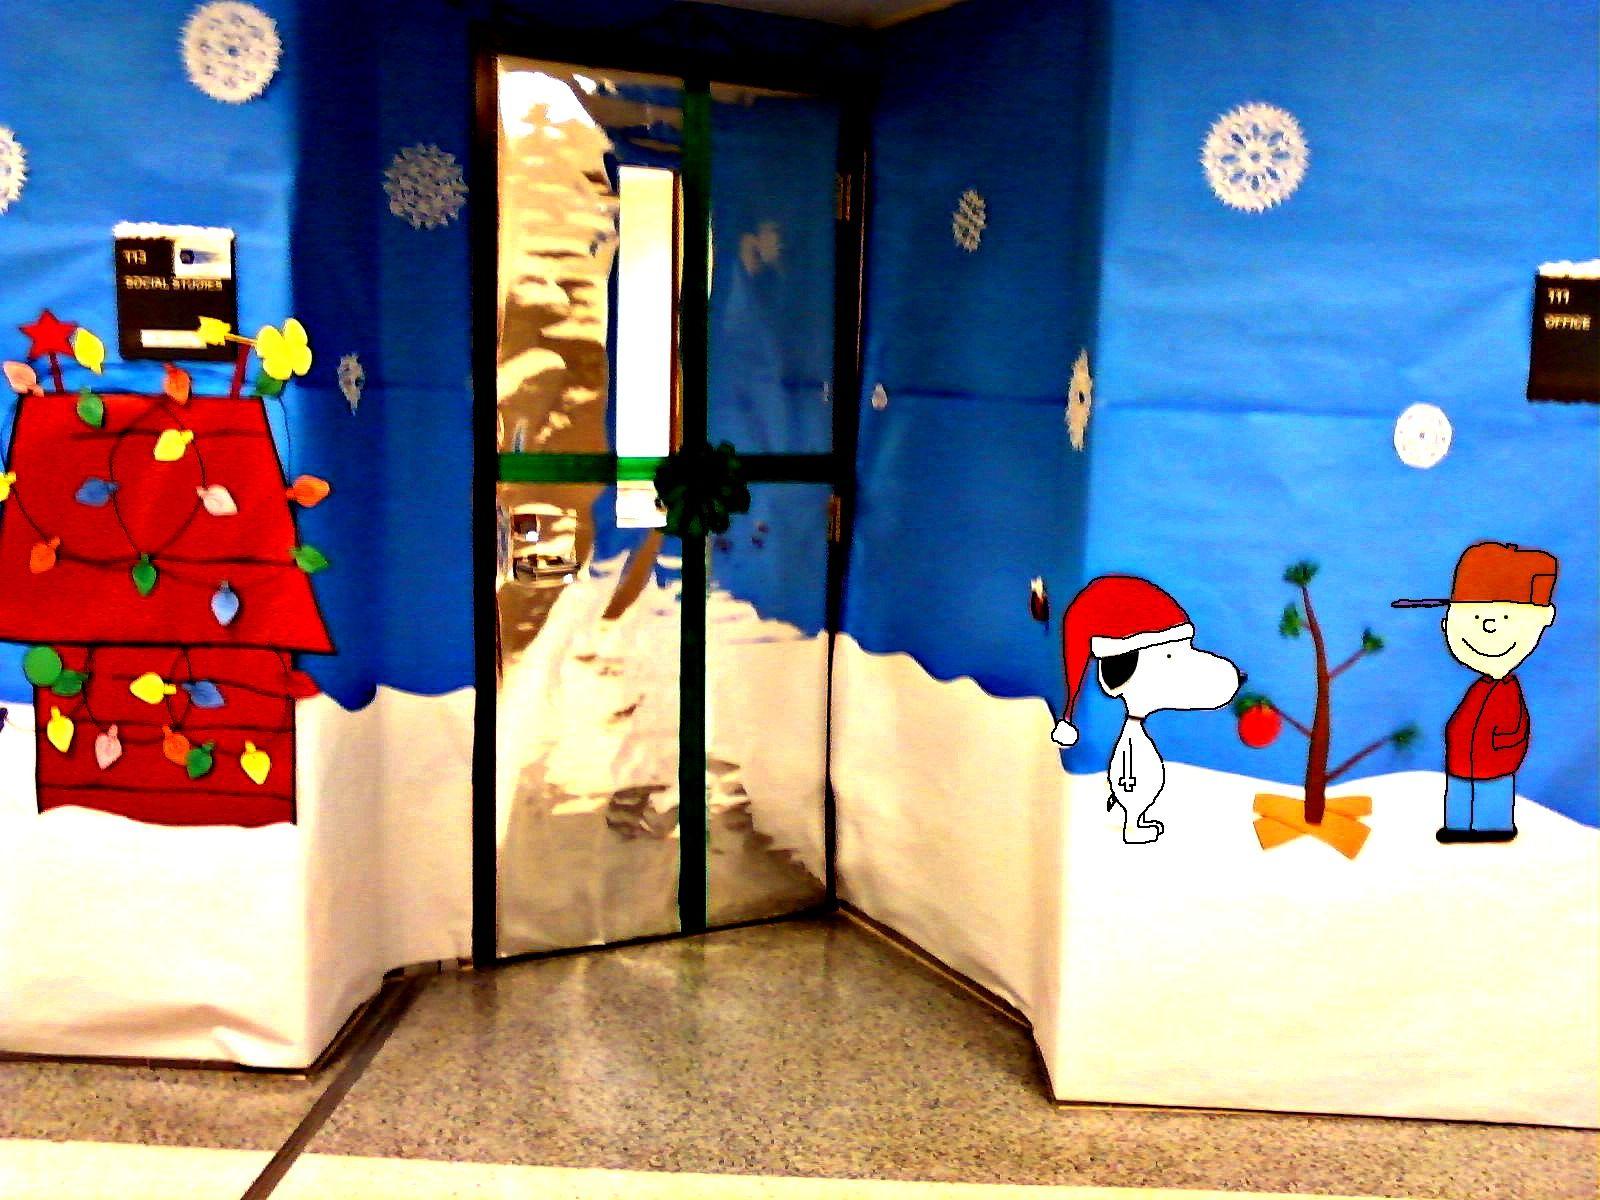 christmas door decorating contest holiday door decorations school decorations christmas door decorating contest